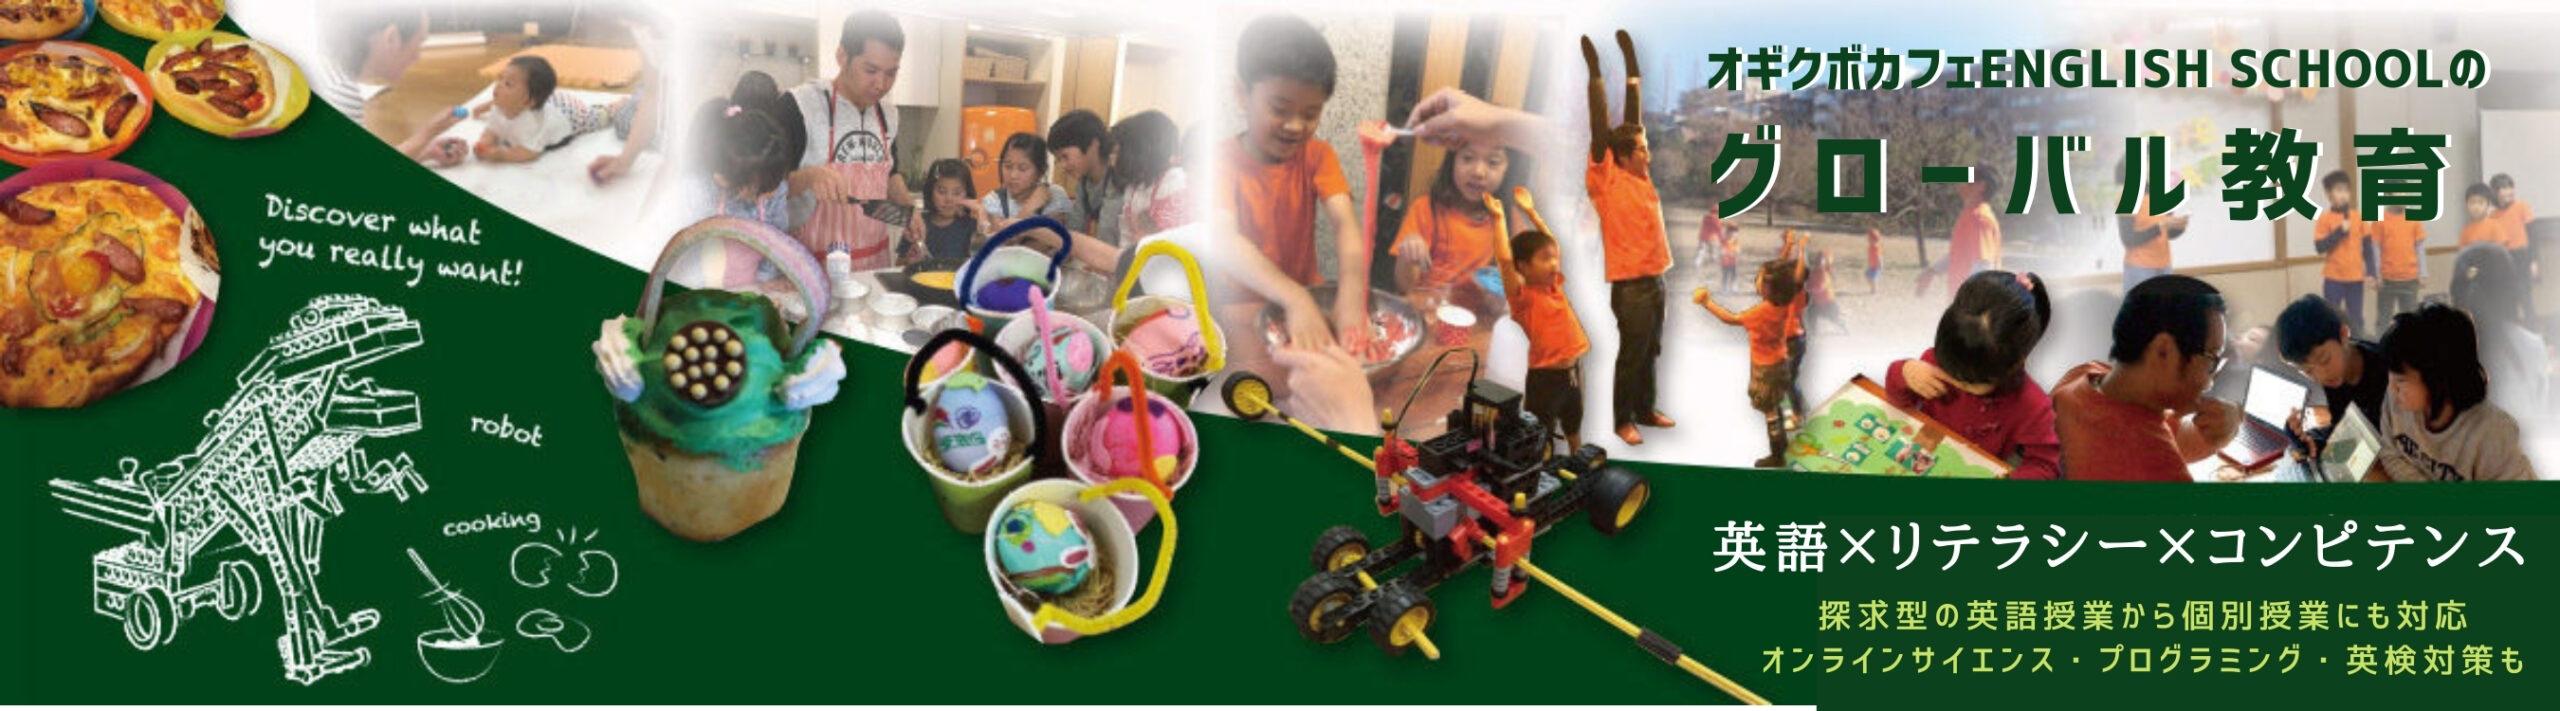 幼児~小学生がオンラインで楽しみながら確実に英語を身につけるカリキュラム